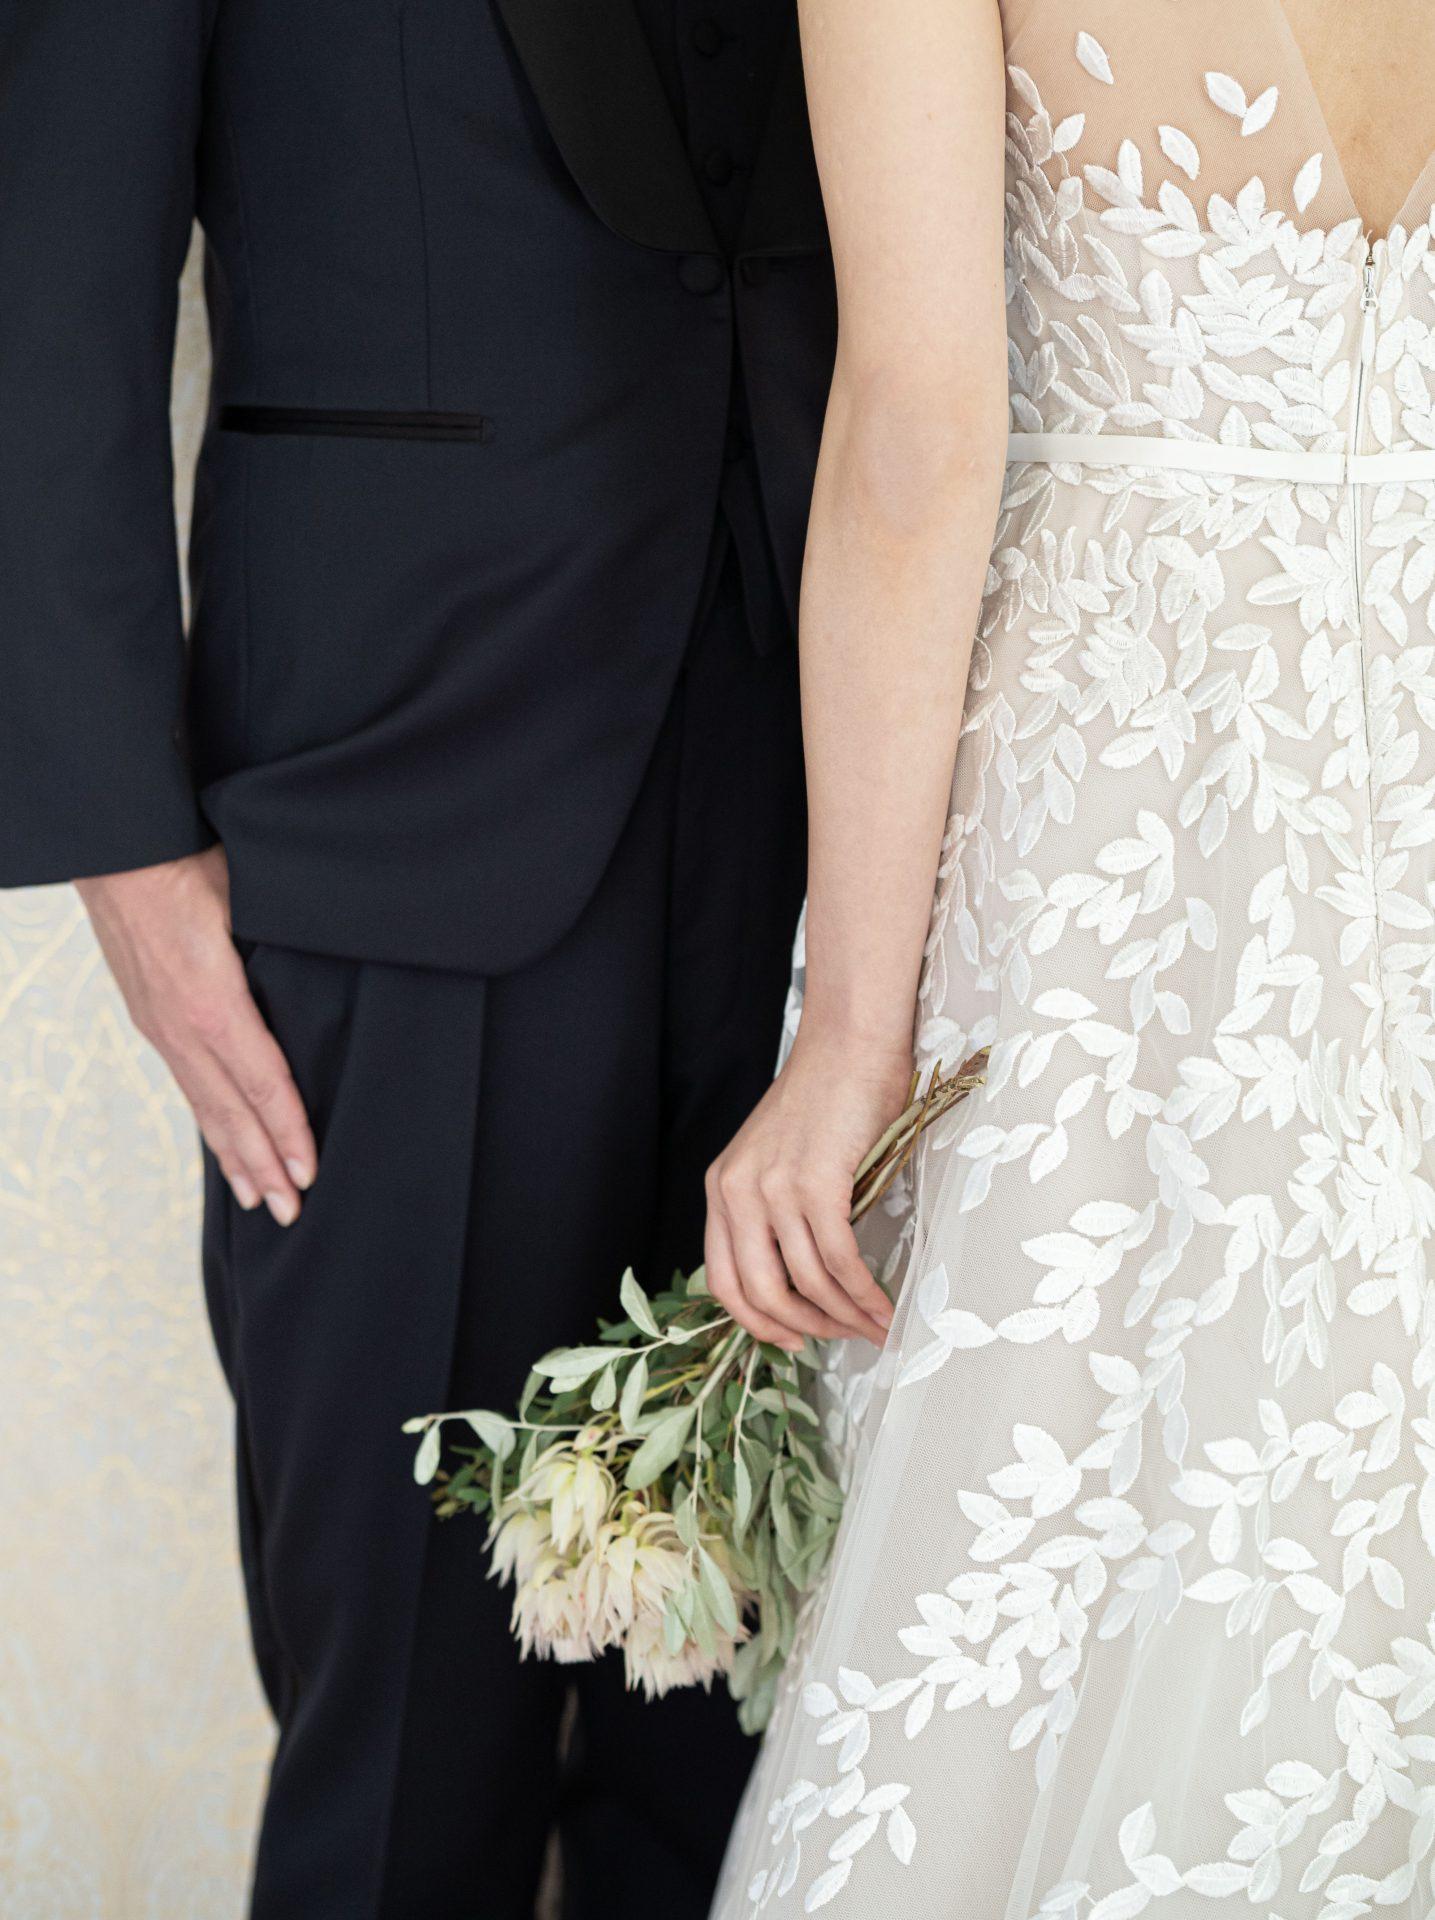 京都エリアでご結婚式をお考えの花嫁様にご紹介したい緑と白のナチュラルなブーケが映えリーフの刺繍が存在感を放つザ・トリート・ドレッシングフォーチュンガーデン京都店にてお取り扱いのあるウェディングドレス